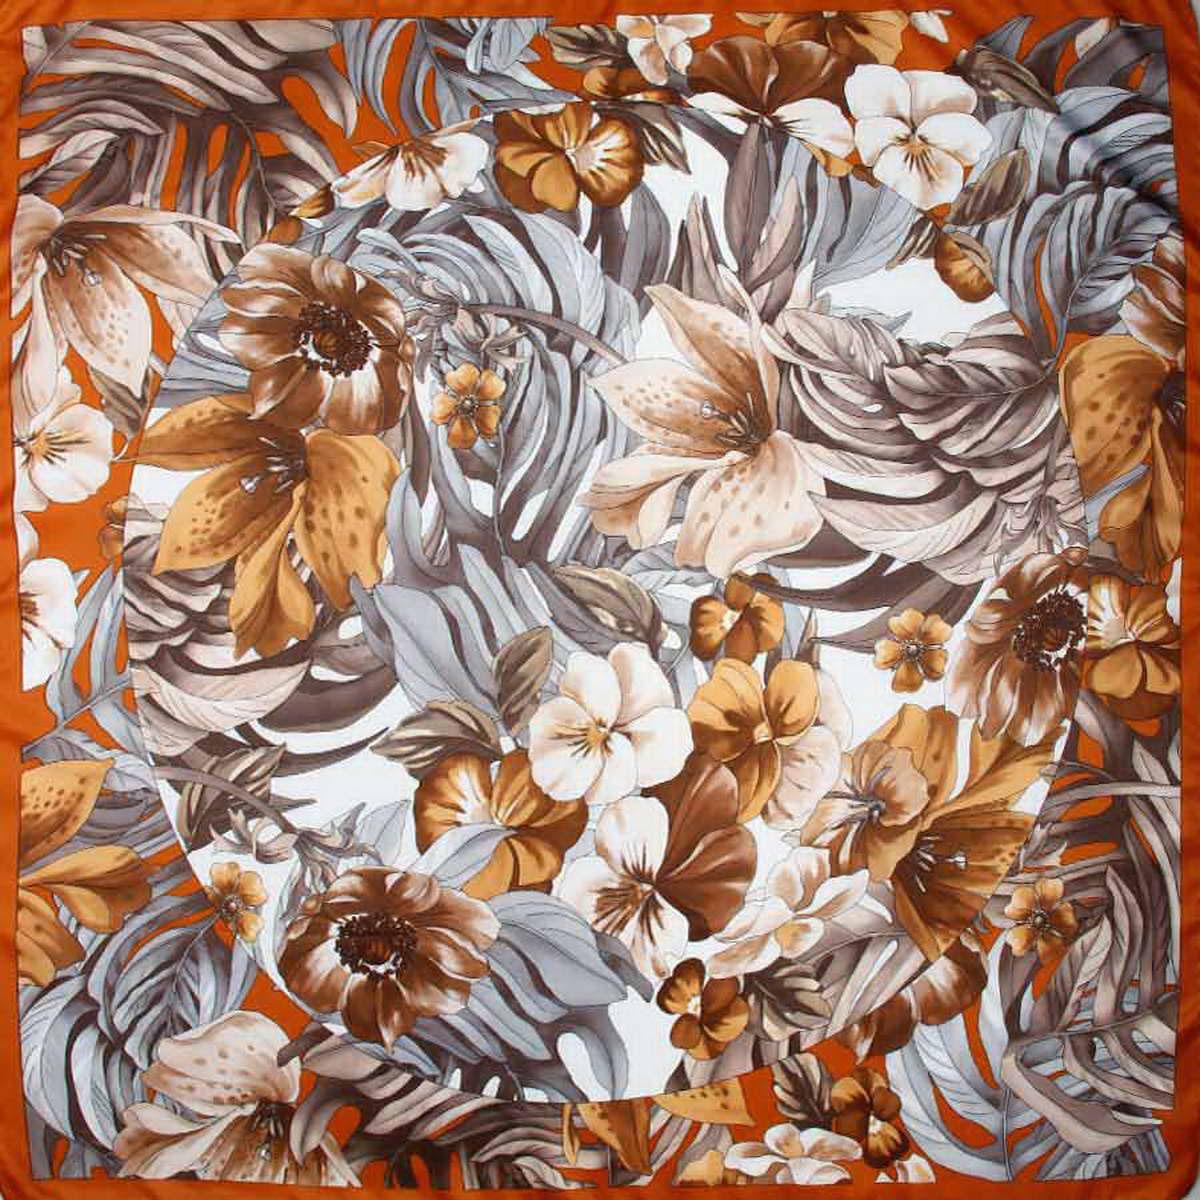 Платок женский. 3904972_цветы3904972-12Стильный женский платок Venera станет великолепным завершением любого наряда. Платок, изготовленный из полиэстера, оформлен цветочный принтом. Классическая квадратная форма позволяет носить платок на шее, украшать им прическу или декорировать сумочку. Легкий и приятный на ощупь платок поможет вам создать изысканный женственный образ. Такой платок превосходно дополнит любой наряд и подчеркнет ваш неповторимый вкус и элегантность.